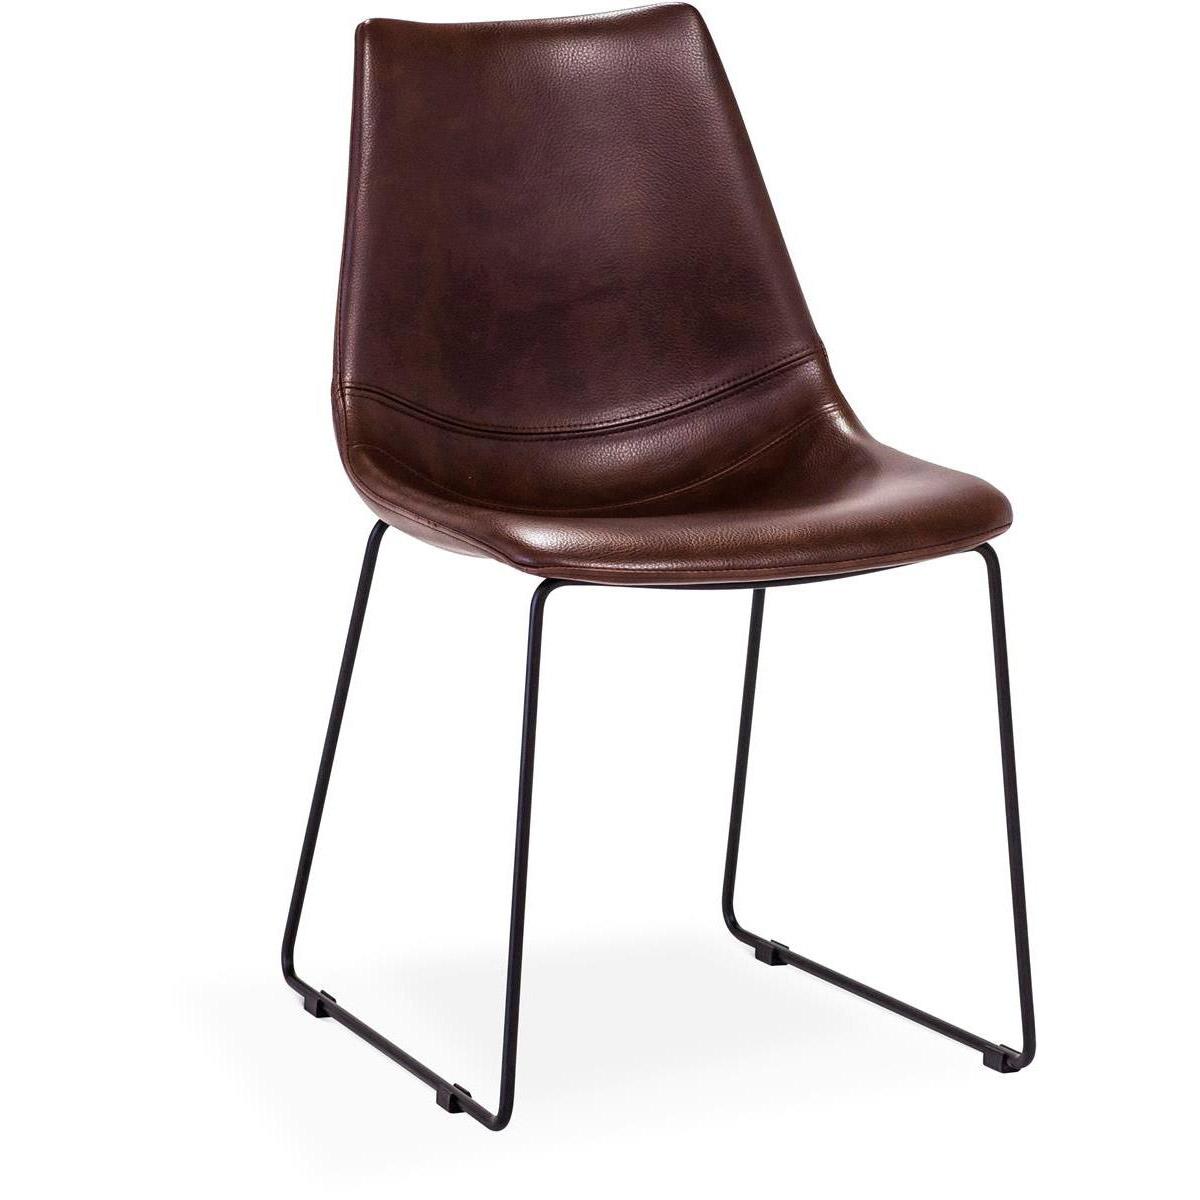 Eksta-stol-brun-svarta-ben-mobelmastarna